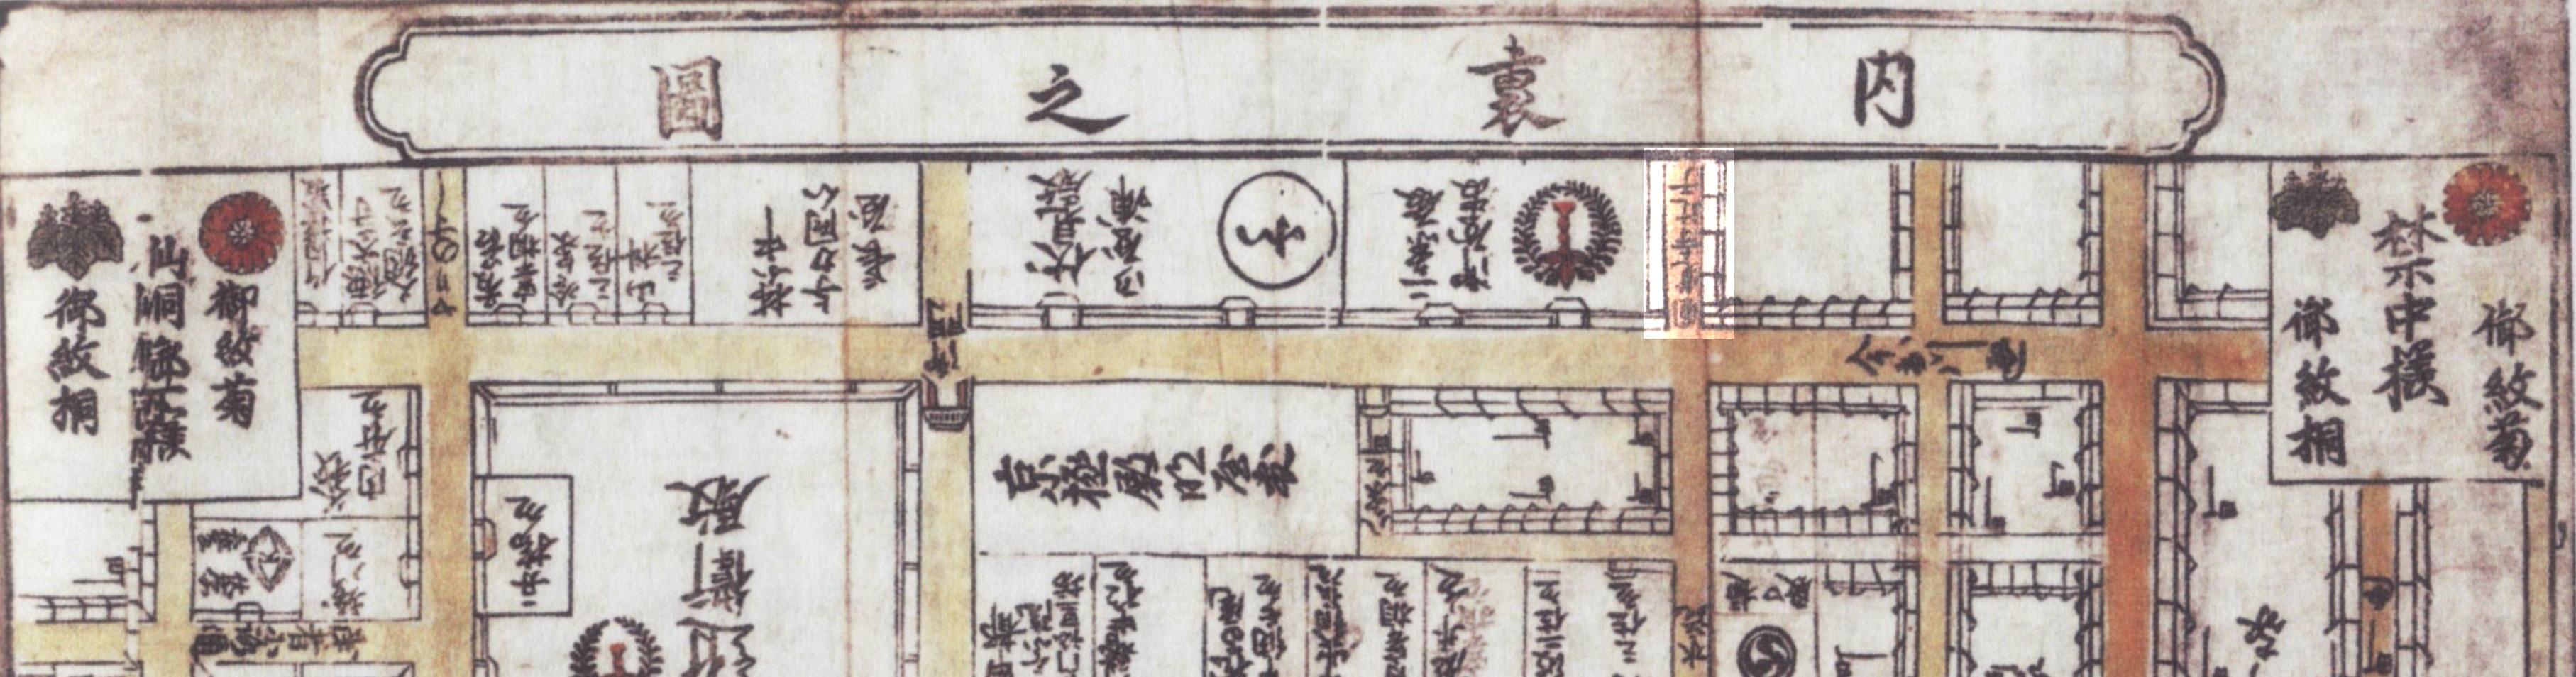 10:内裏之図宝永6年刊享保修